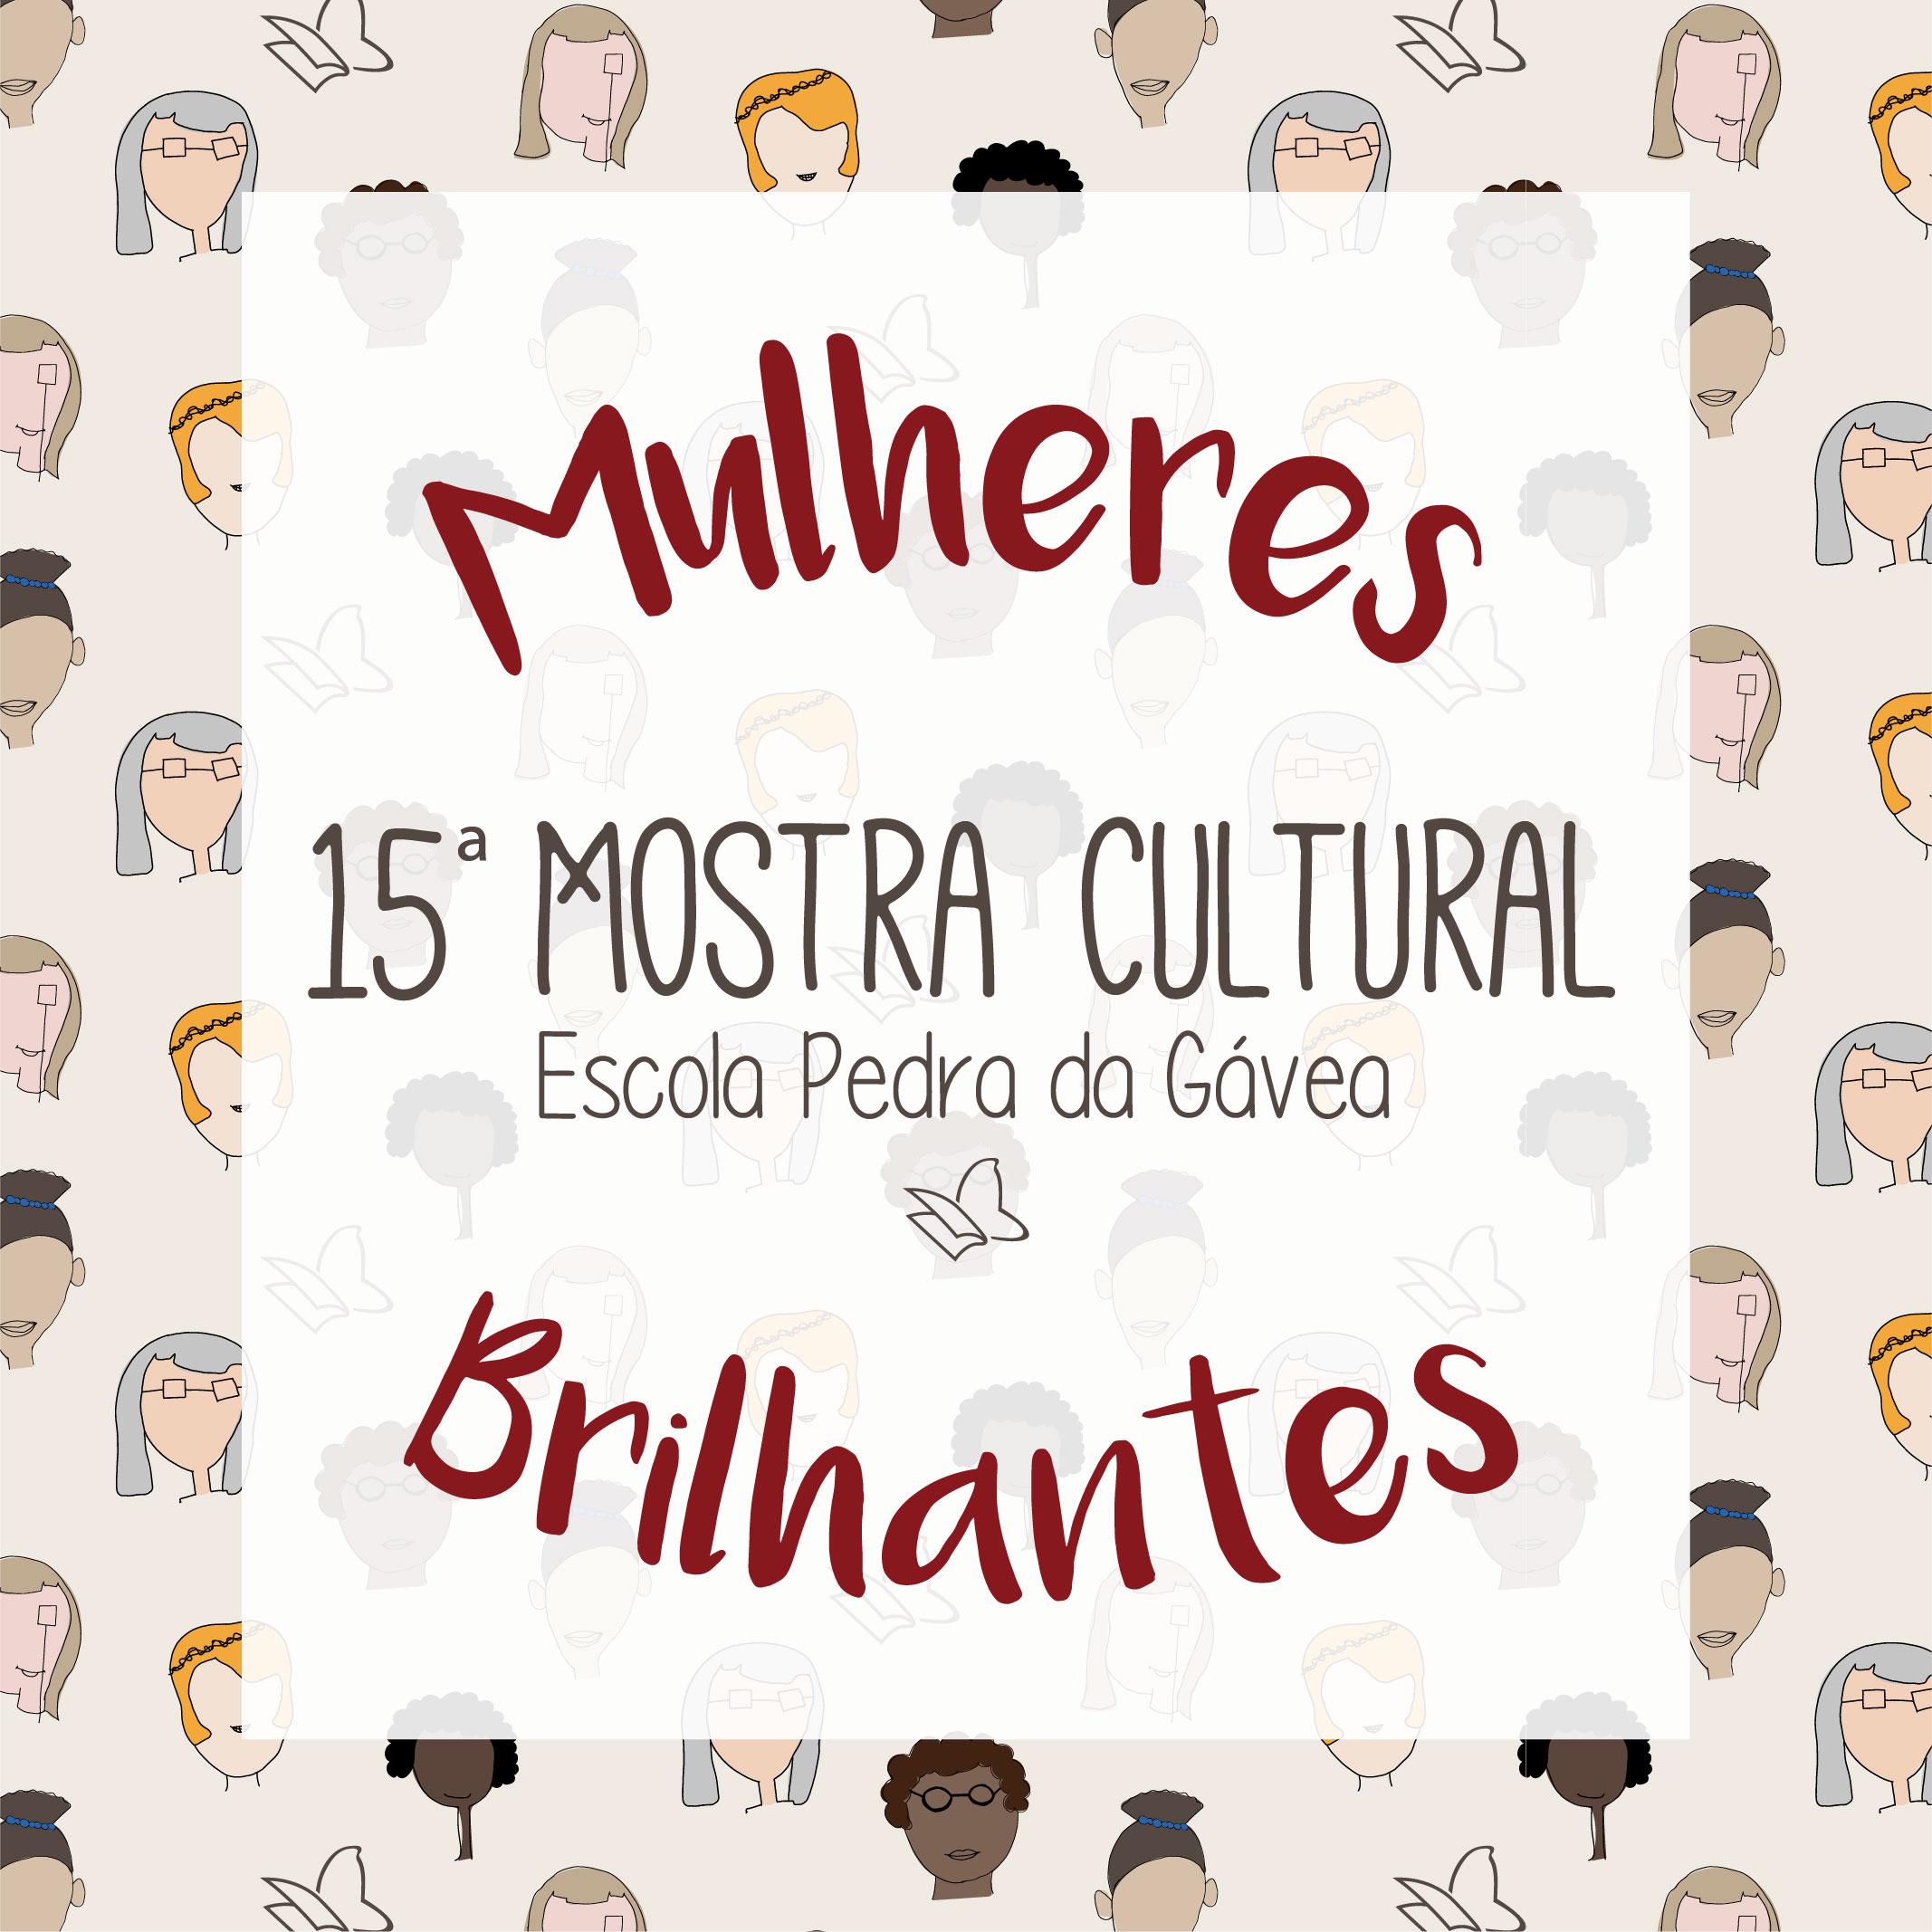 Mostra Cultural - Mulheres Brilhantes